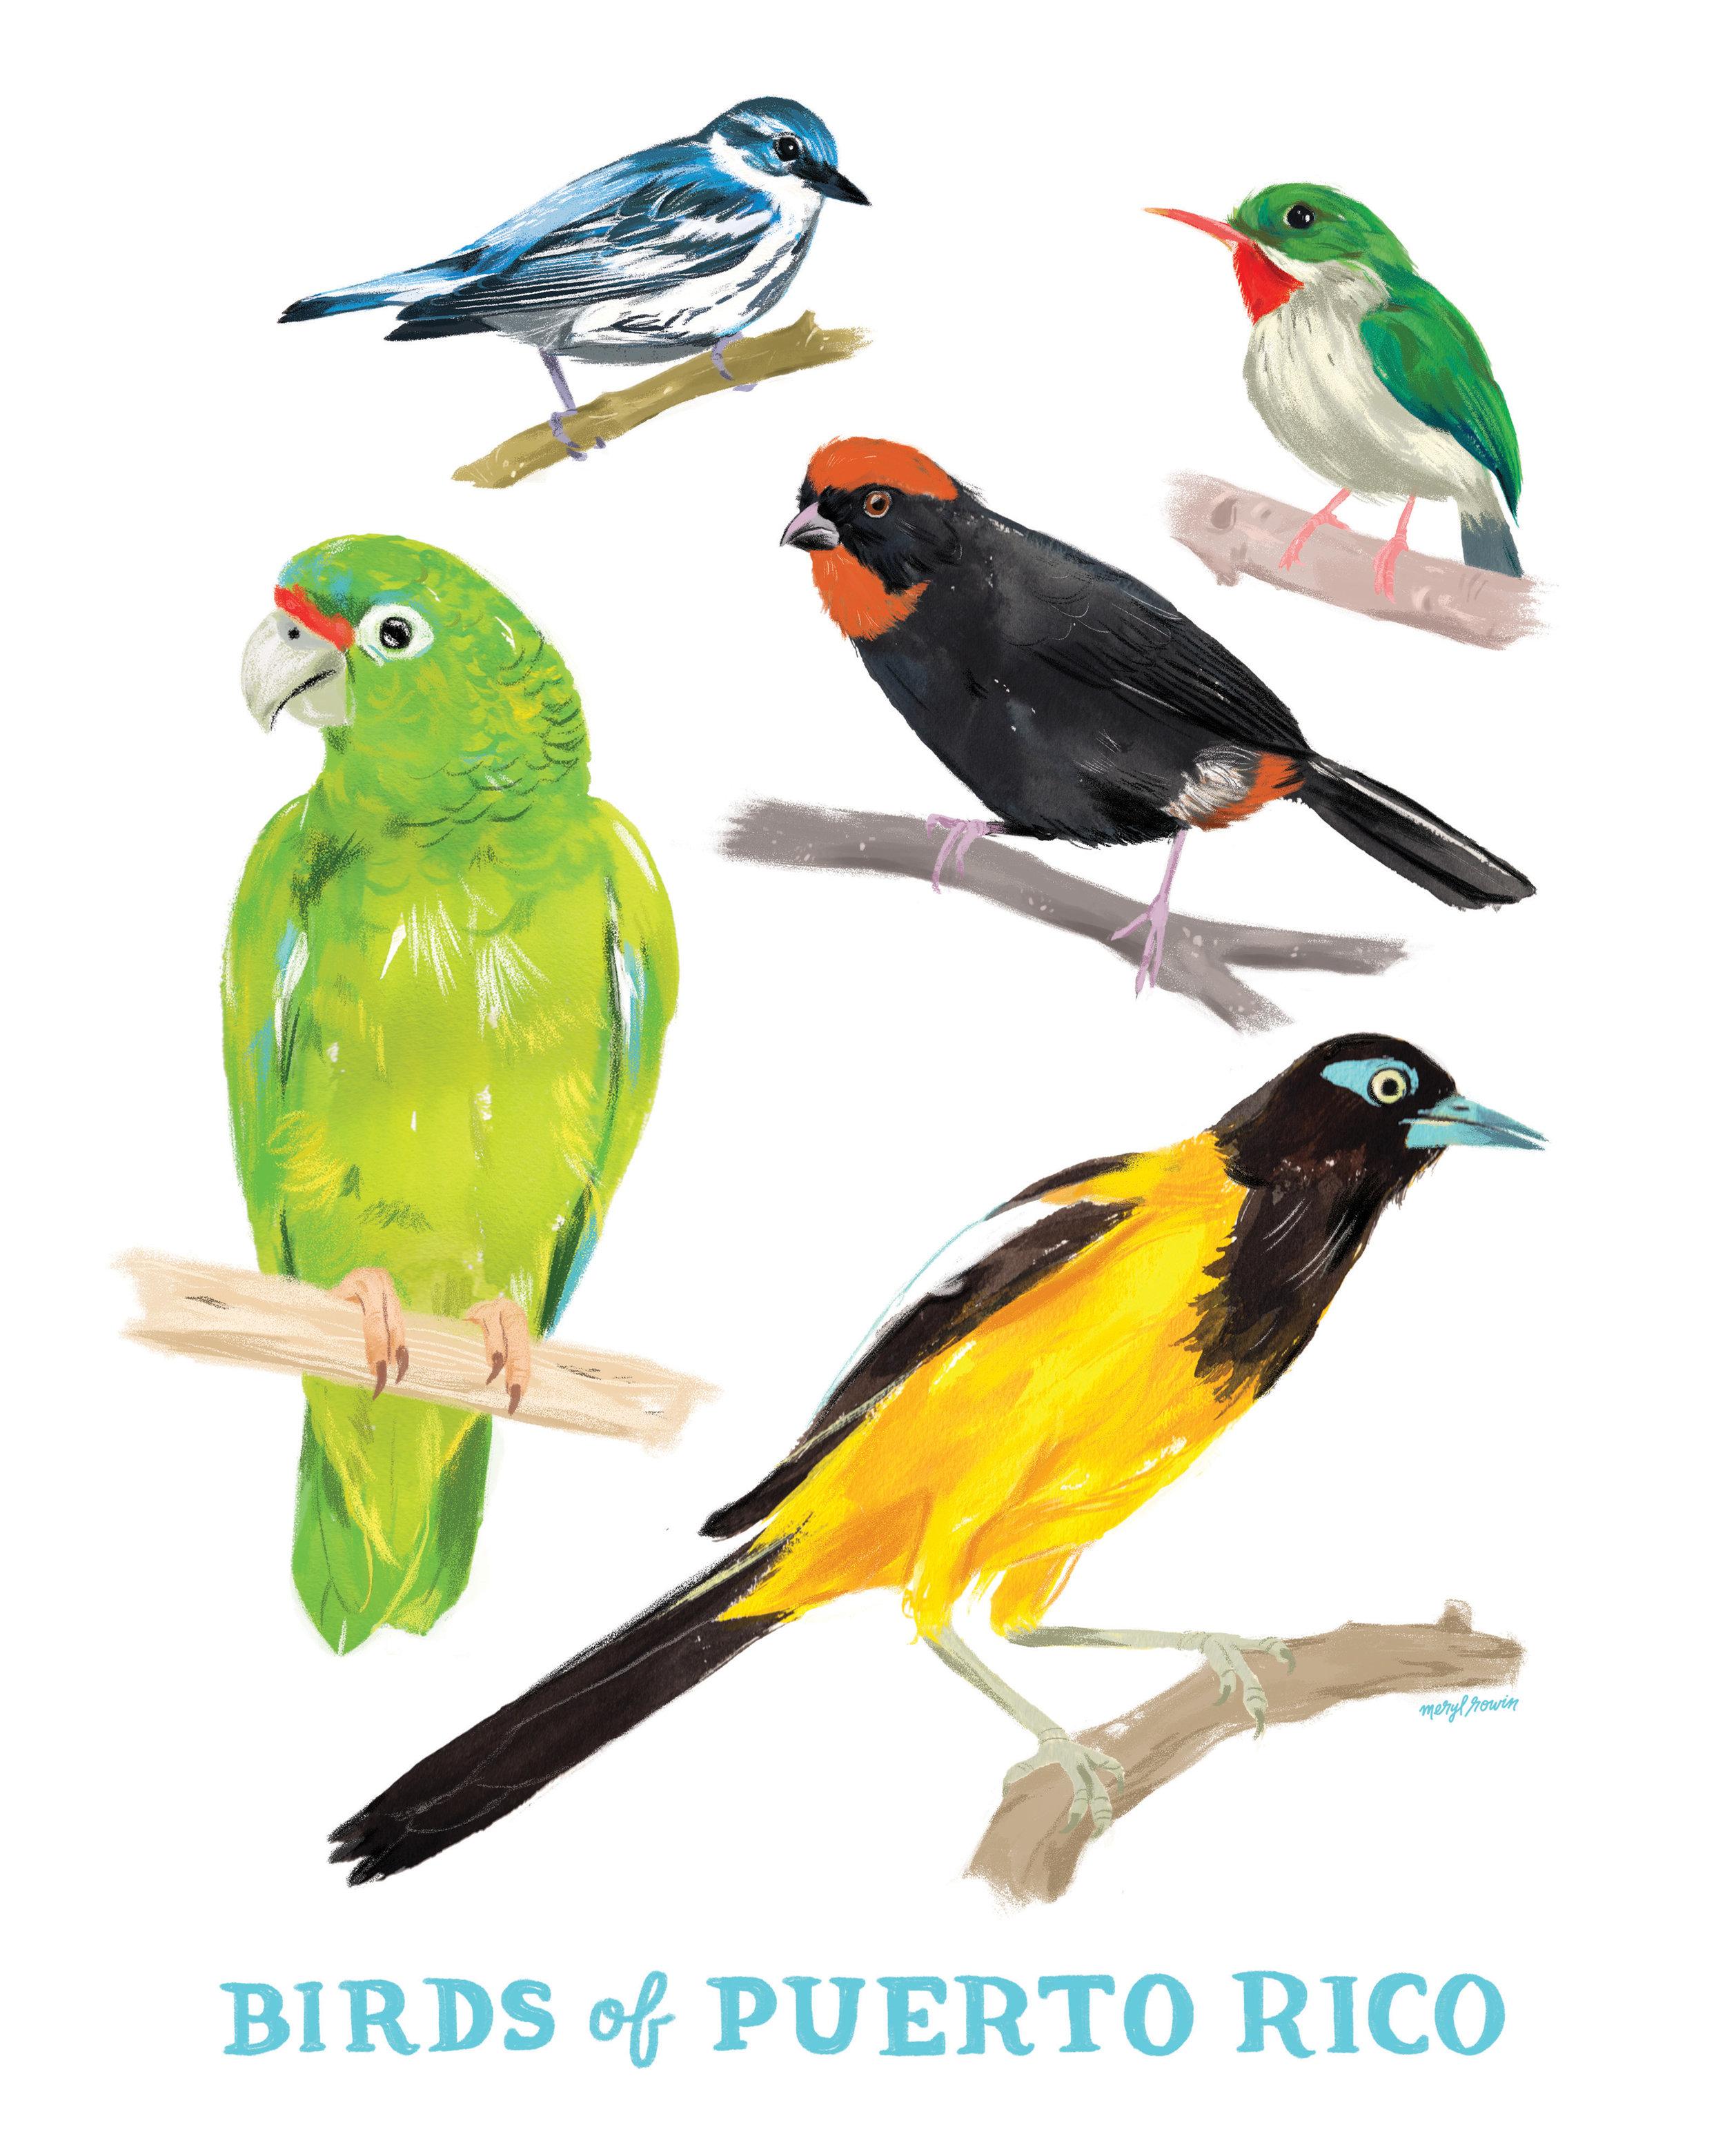 Birds of Puerto Rico - *All Proceeds Benefit Puerto Rico Hurricane Relief* Birds of Puerto Rico 8x10